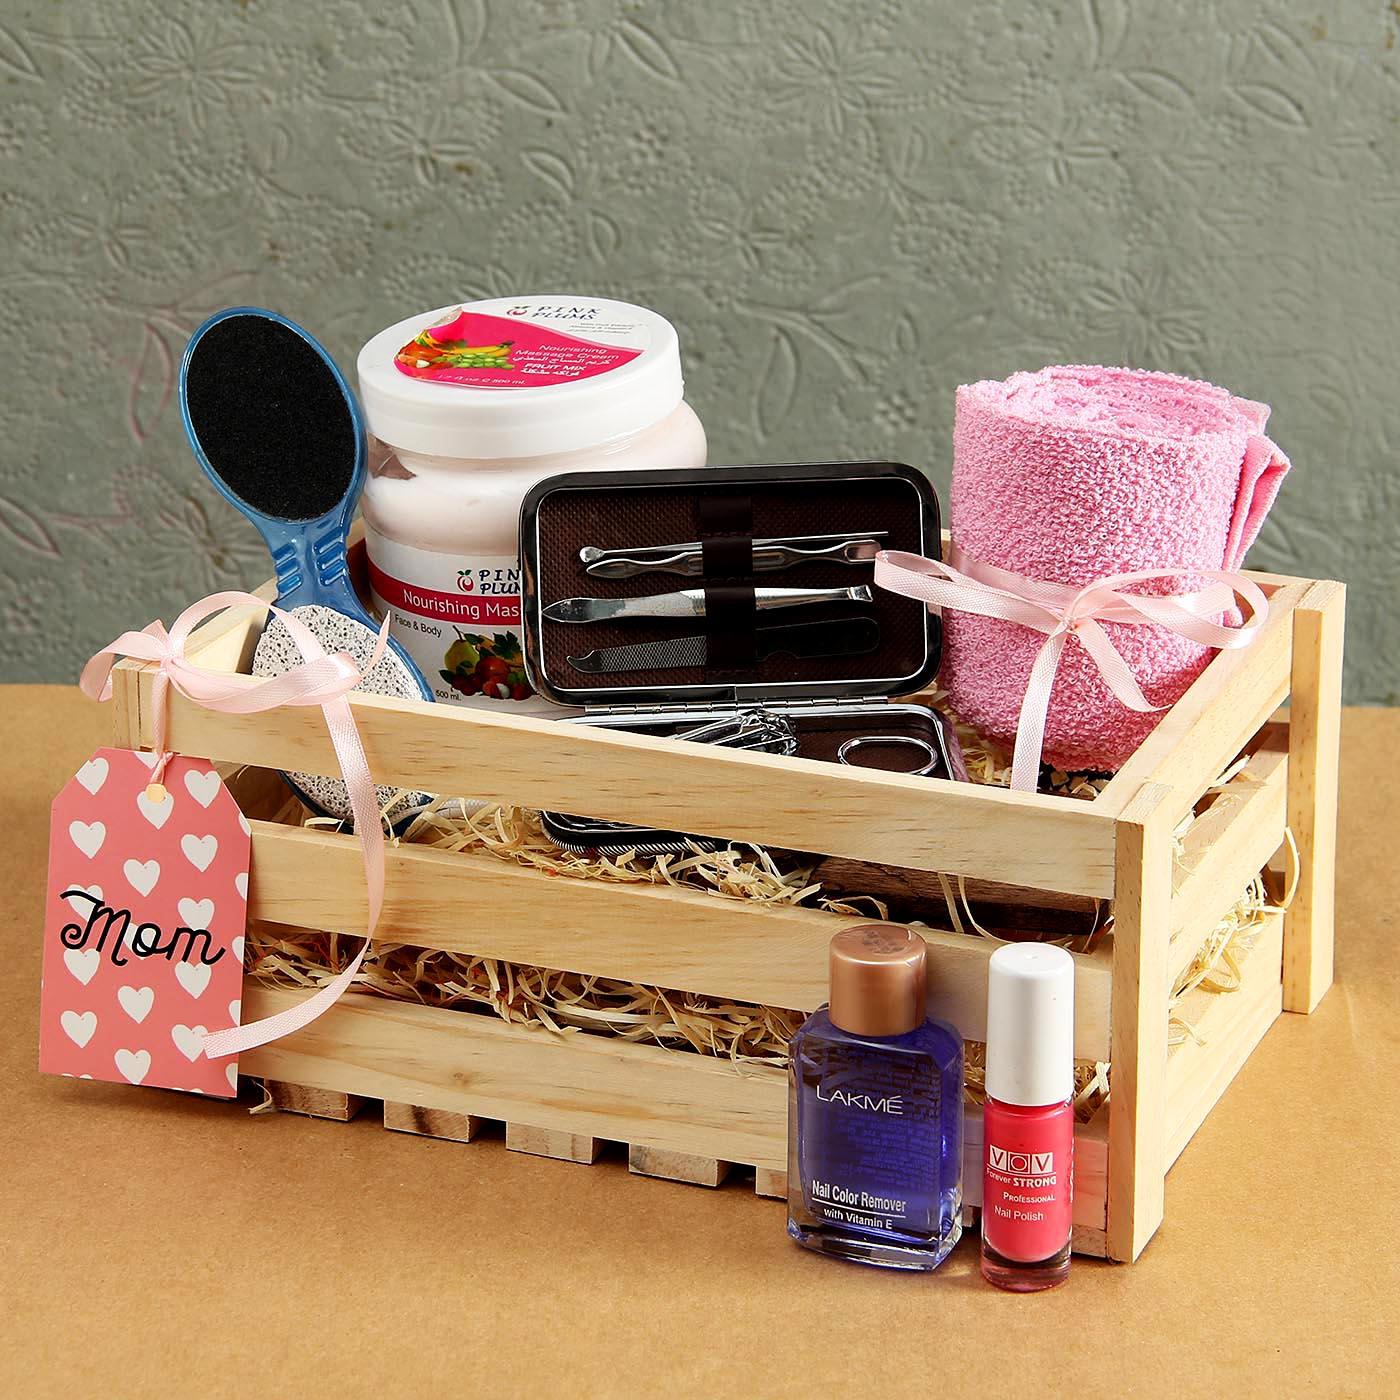 Pedi & Manicure Set for Mom in Wooden Basket